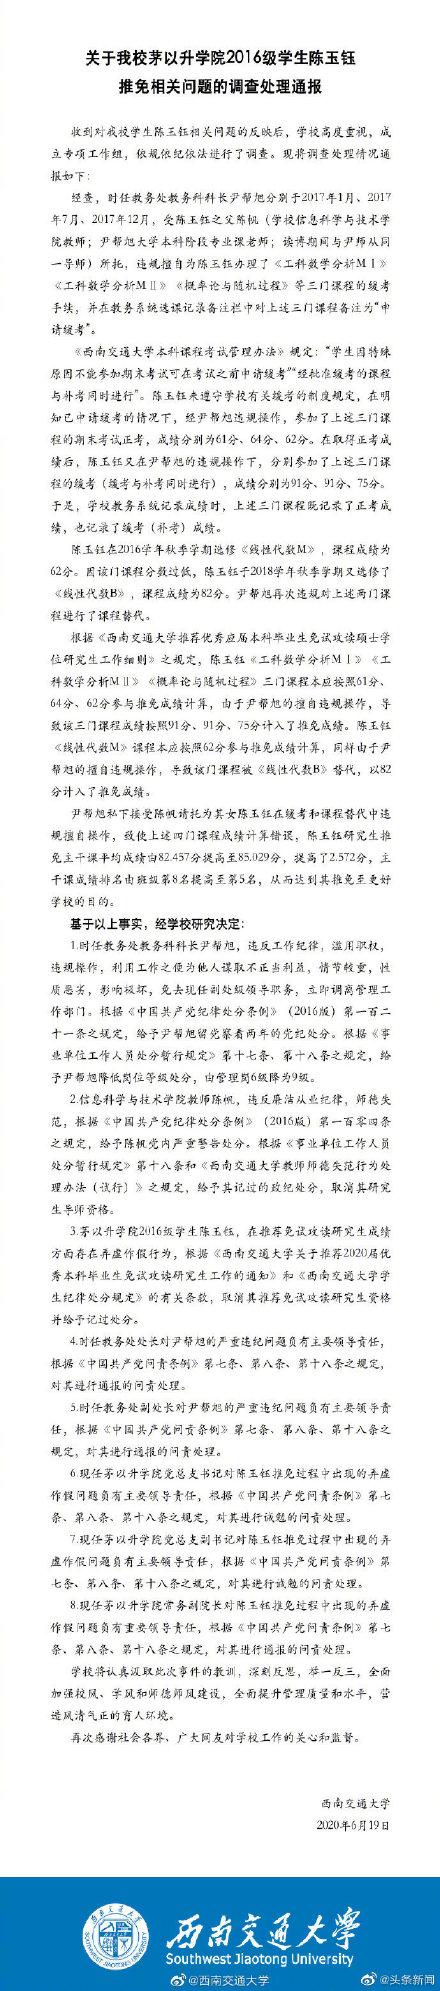 西南交大再通报陈玉钰保研事件 多名校领导受处分